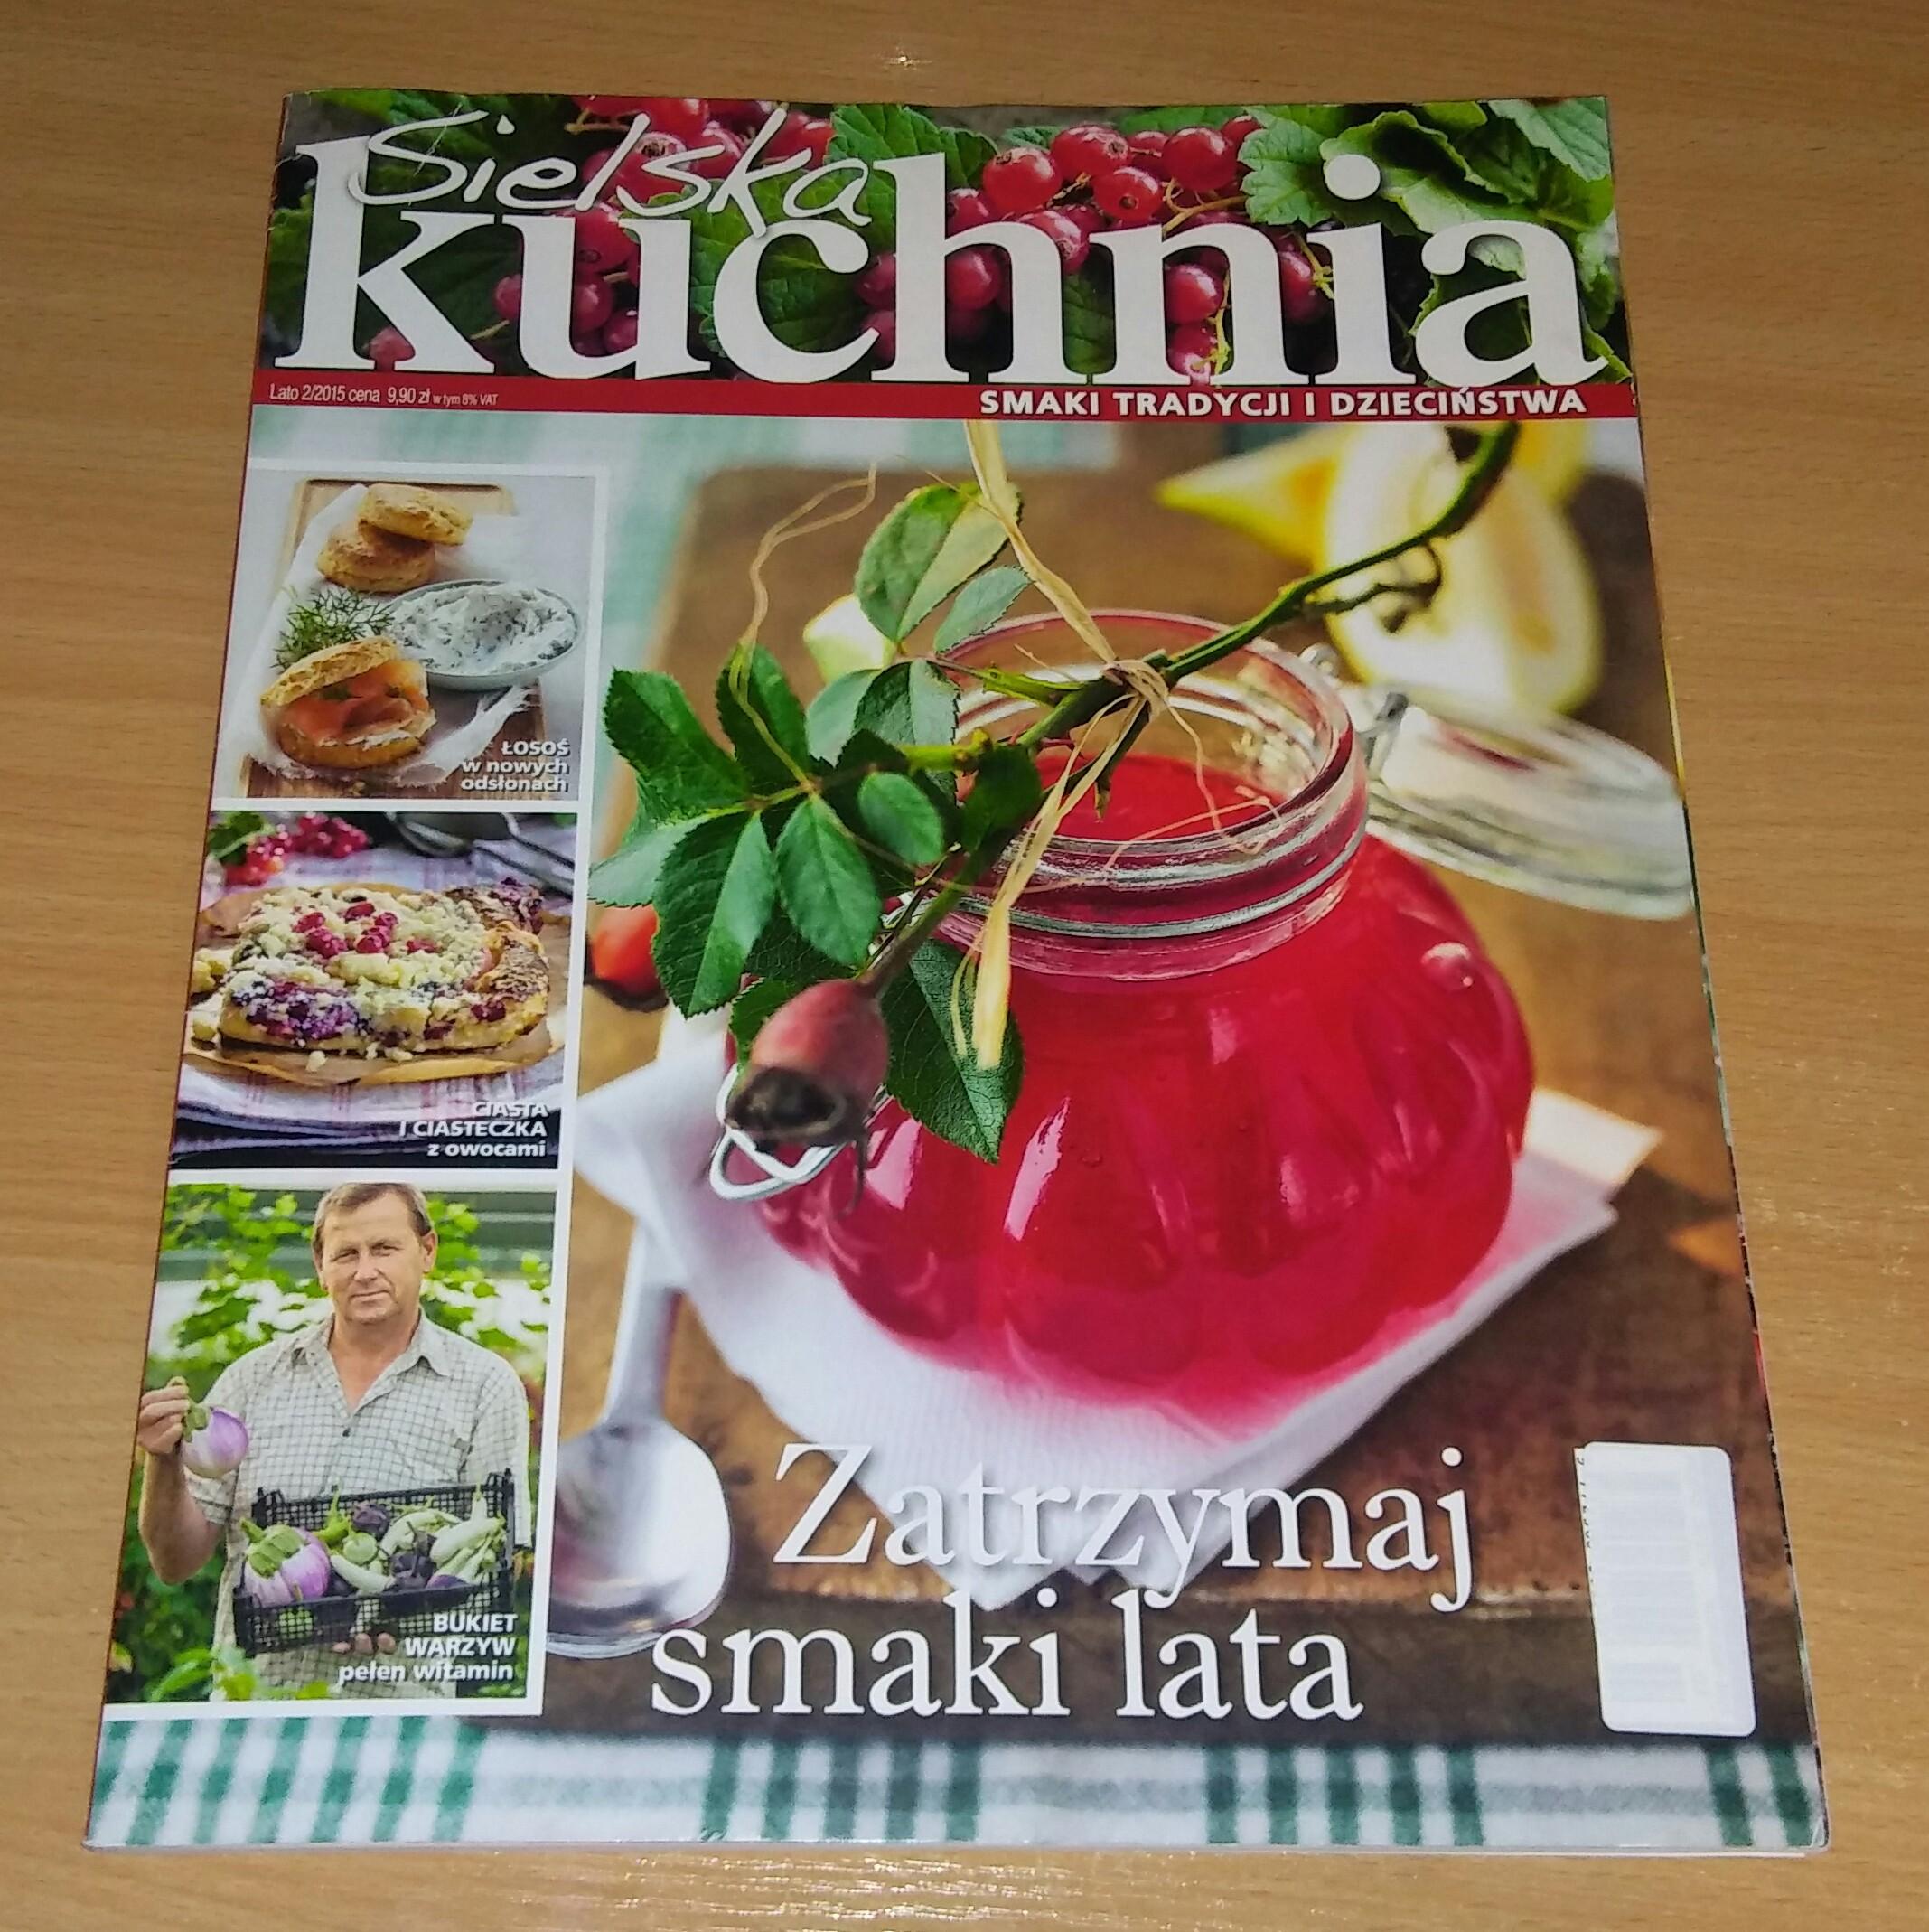 Sielska Kuchnia 22015 Smaki Tradycji Dzieciństwa